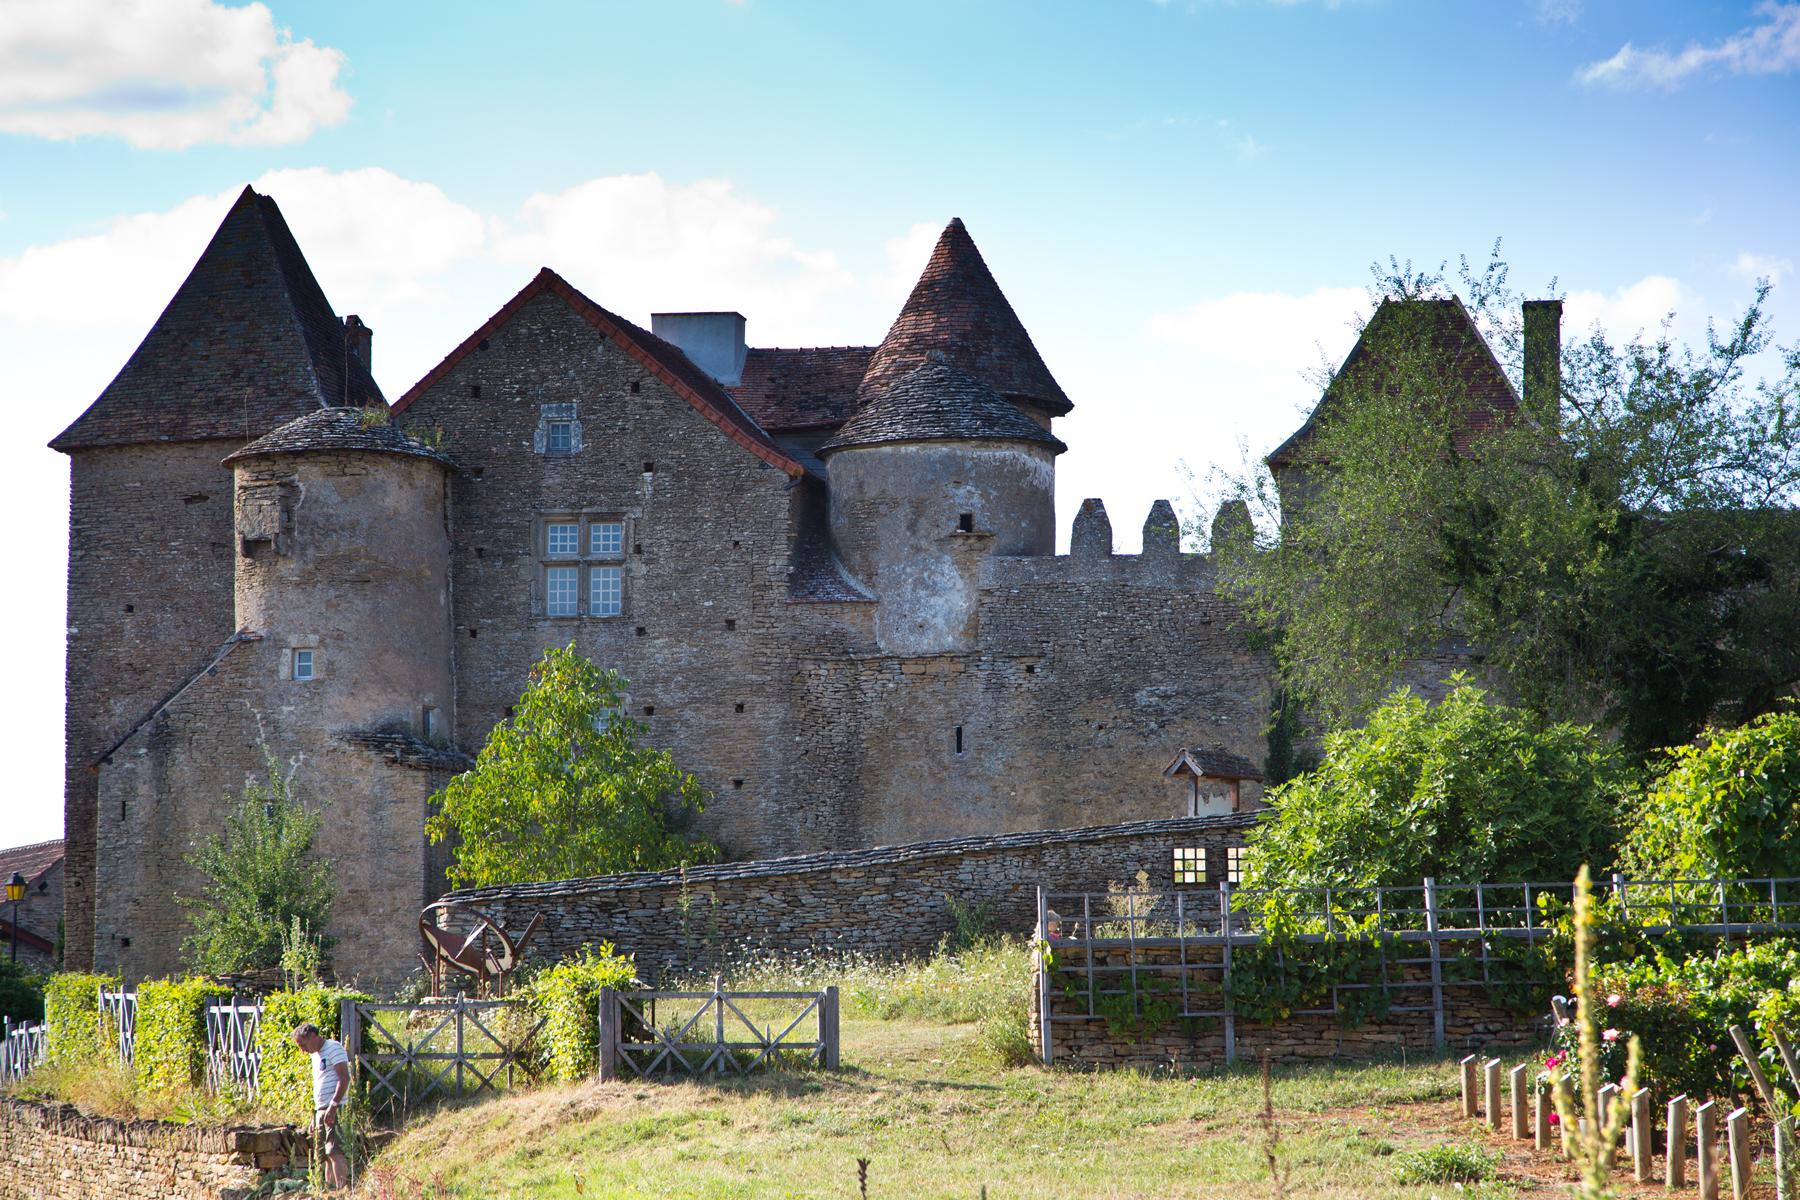 Bissy-sur-Fley-Château de Pontus de Tyard-Schloss-Sommer-Mauern-Festung